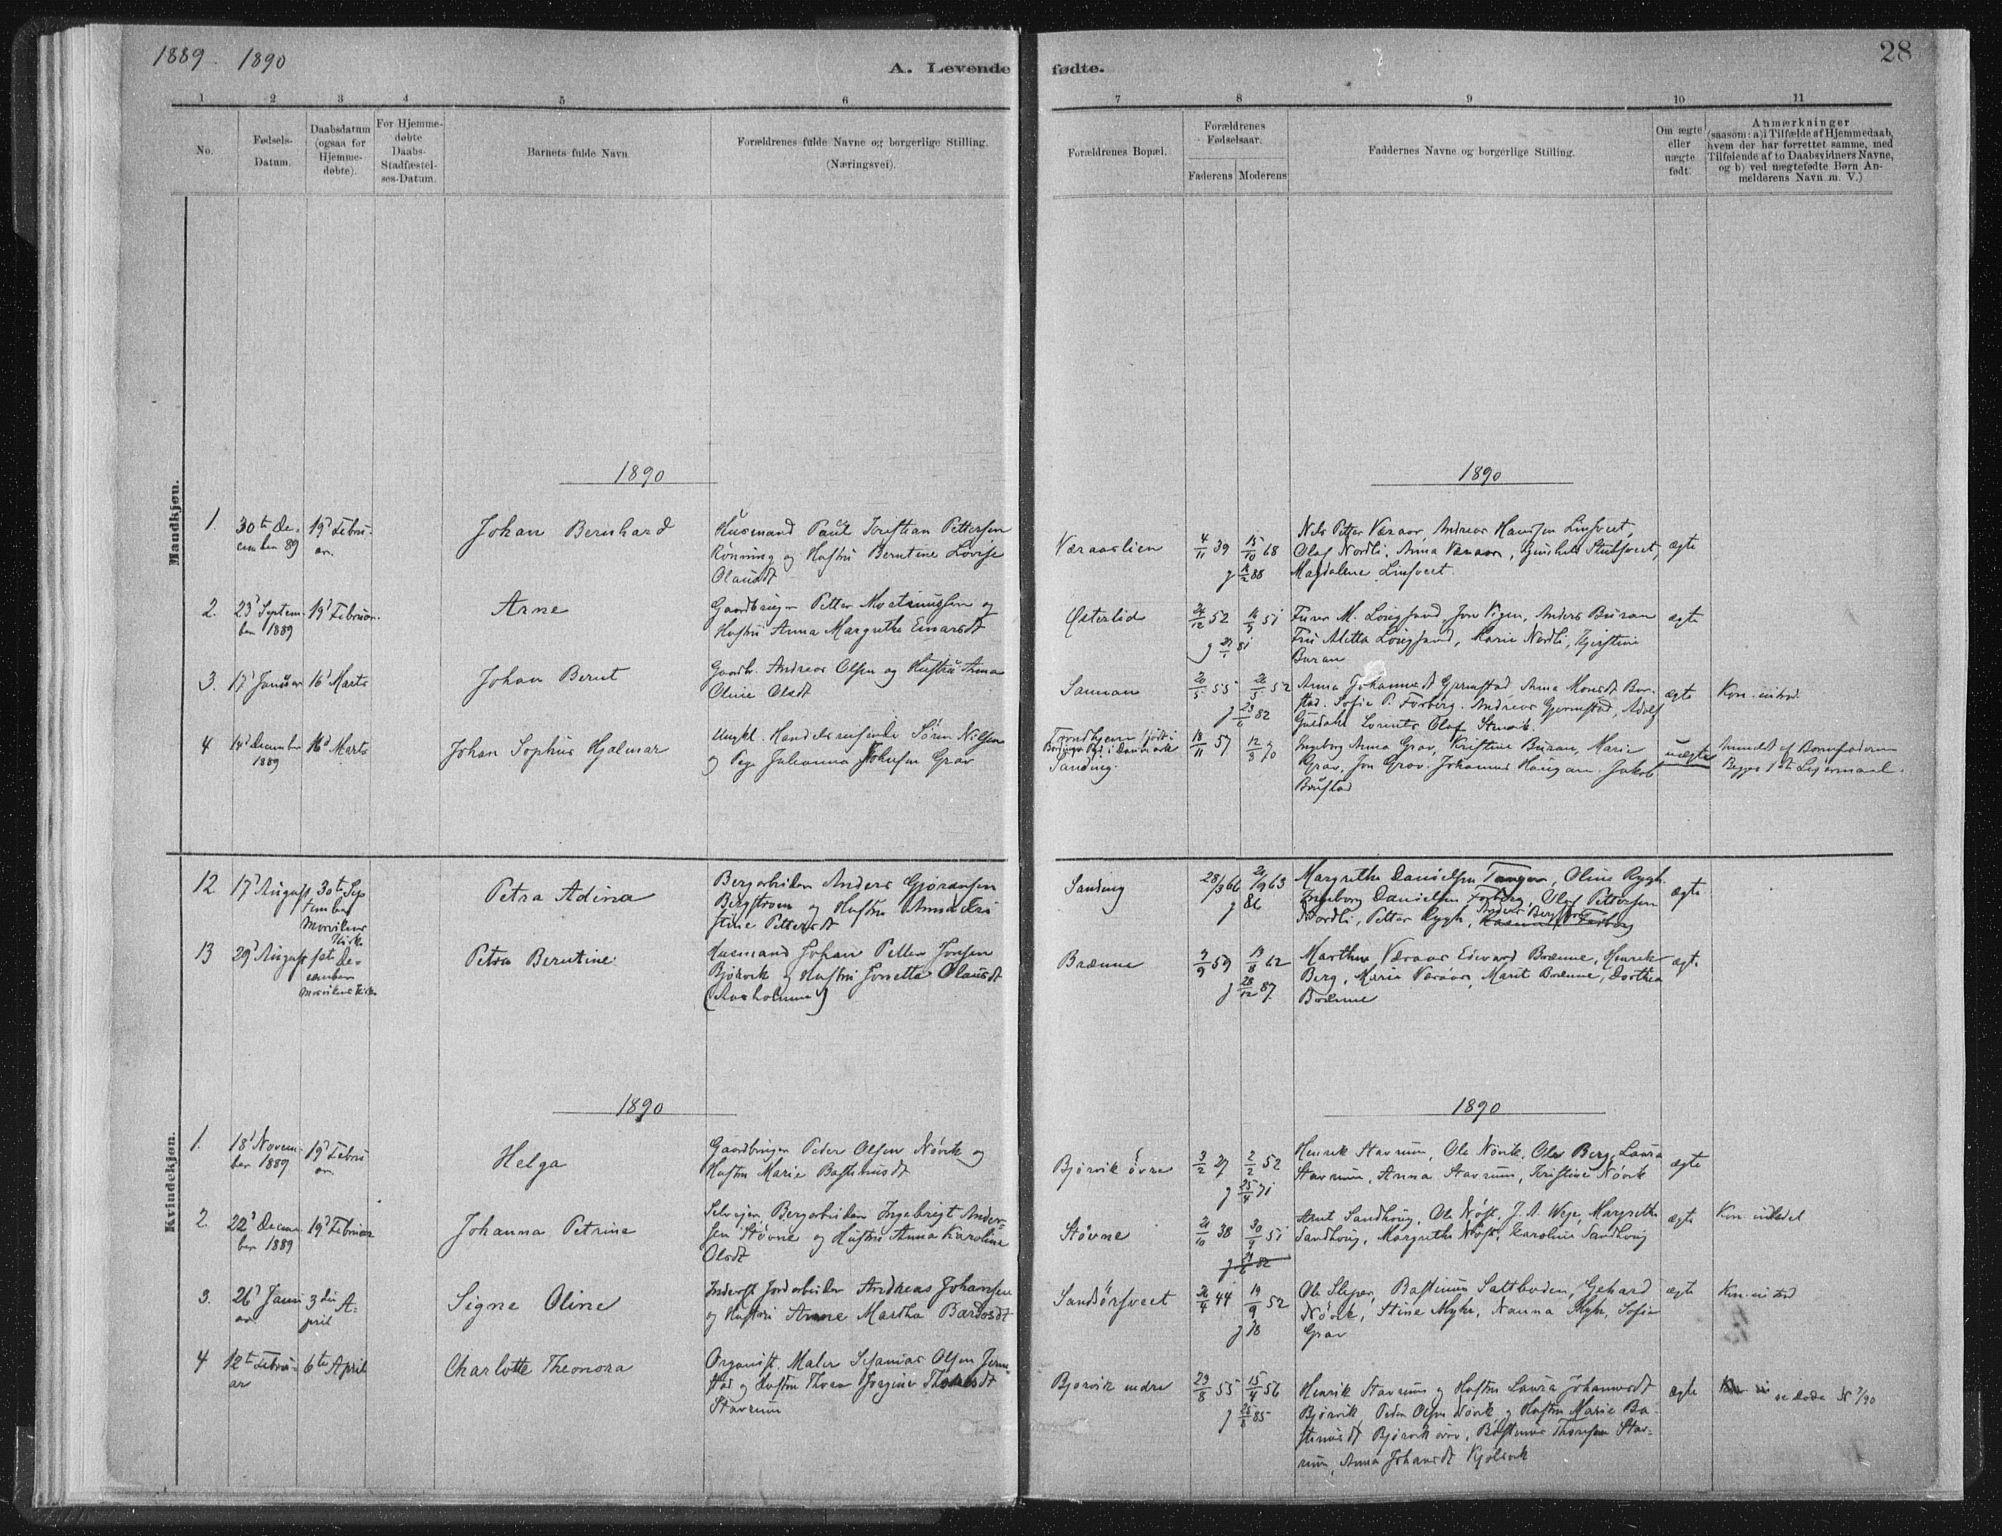 SAT, Ministerialprotokoller, klokkerbøker og fødselsregistre - Nord-Trøndelag, 722/L0220: Ministerialbok nr. 722A07, 1881-1908, s. 28